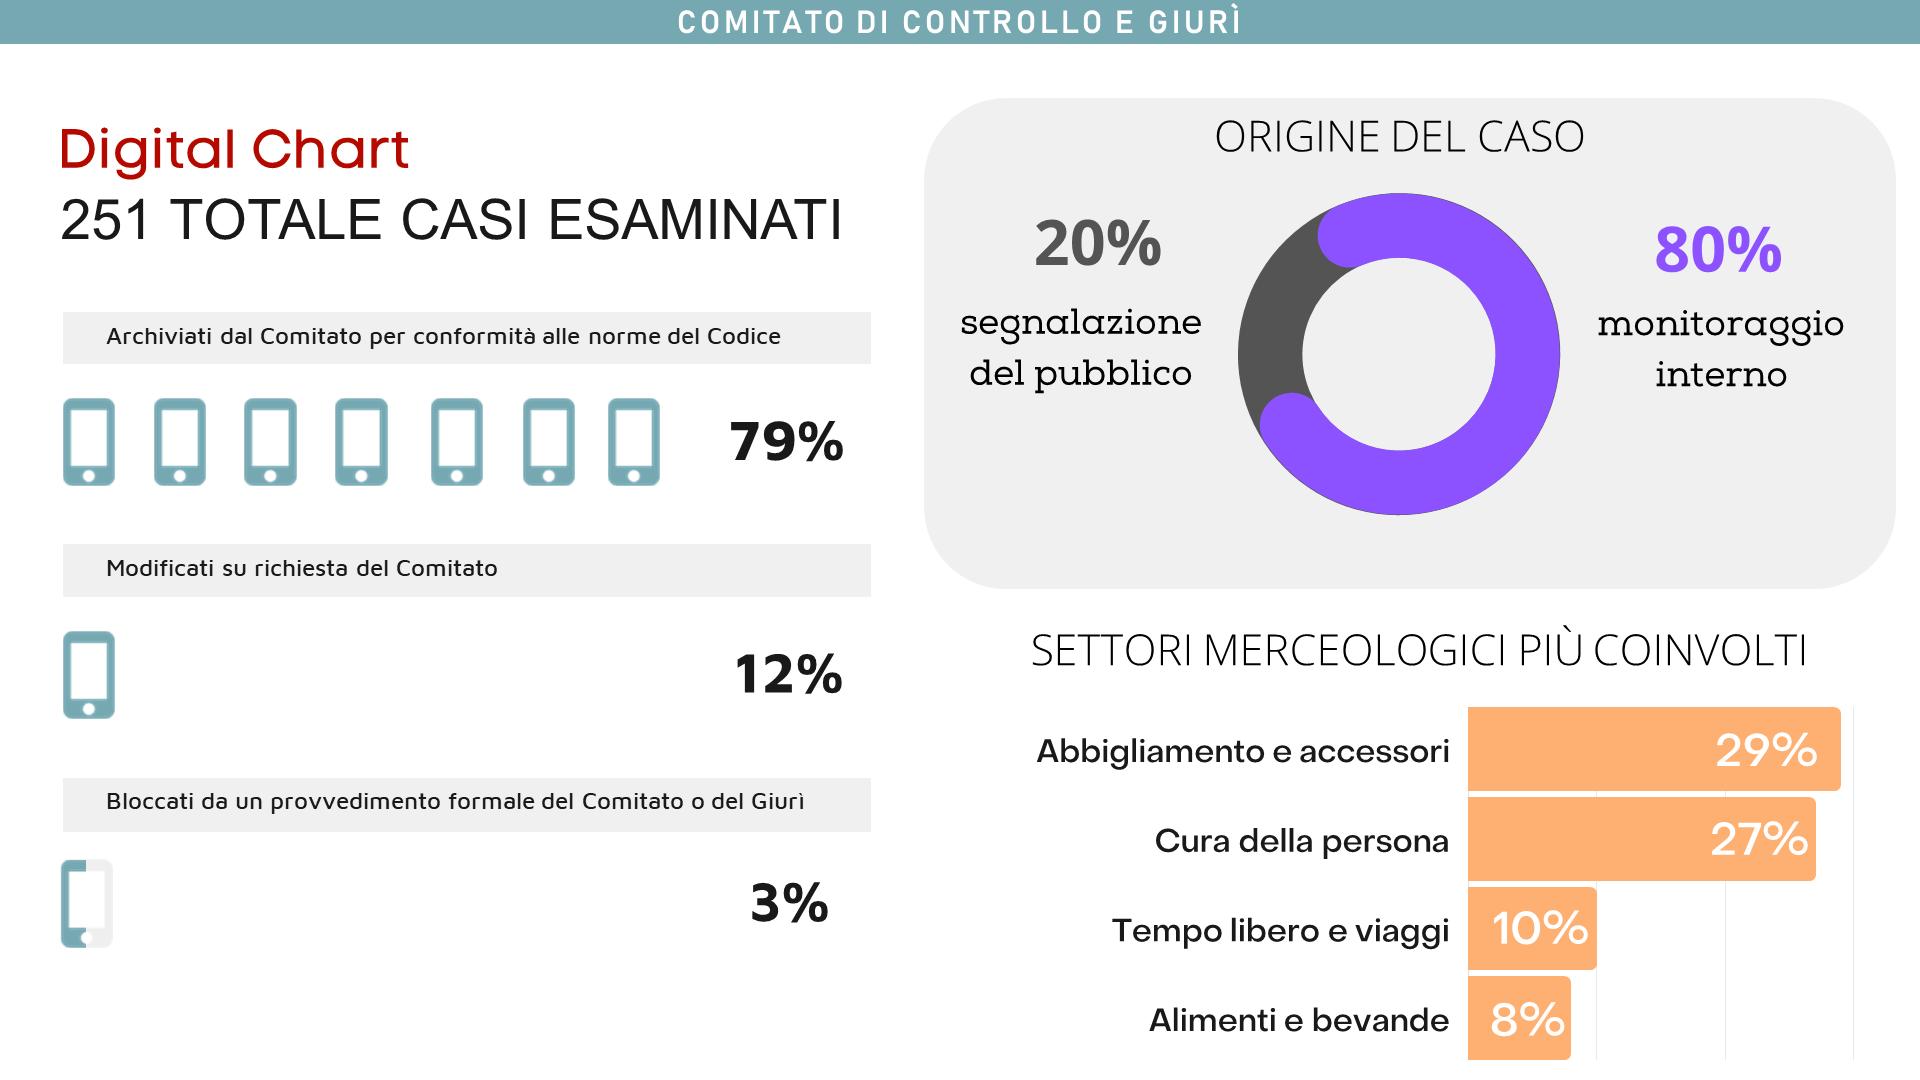 Sono stati esaminati 251 messaggi relativi alla comunicazione commerciale digitale, di questi bloccati il 3%. Il monitoraggio interno su questa attività ha pesato per un 80%.